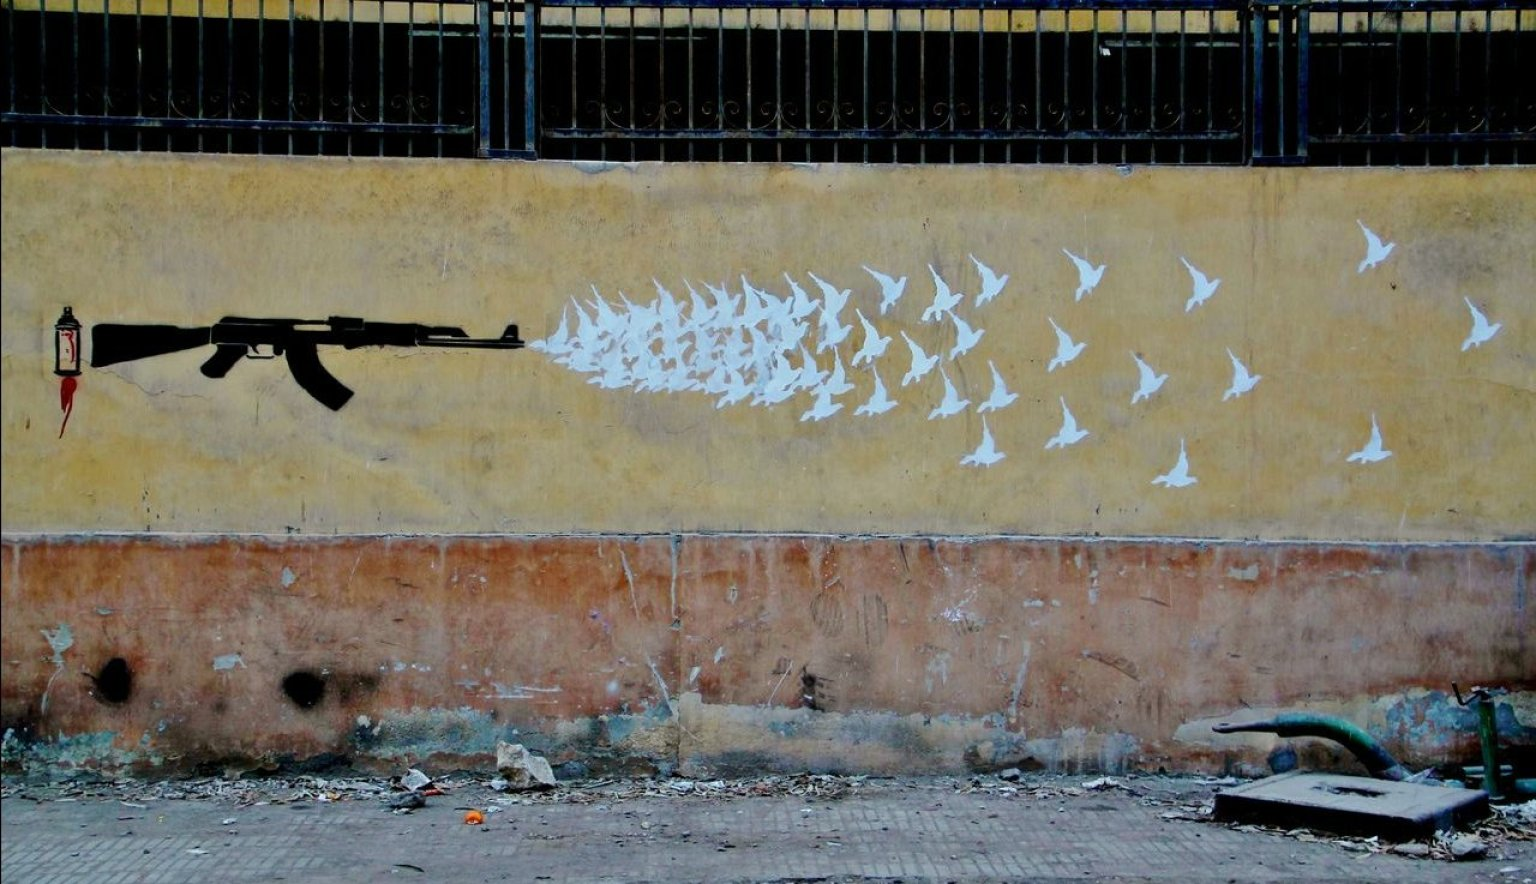 Arte callejero en egipto los 39 muros de libertad 39 en for Graffitis y murales callejeros